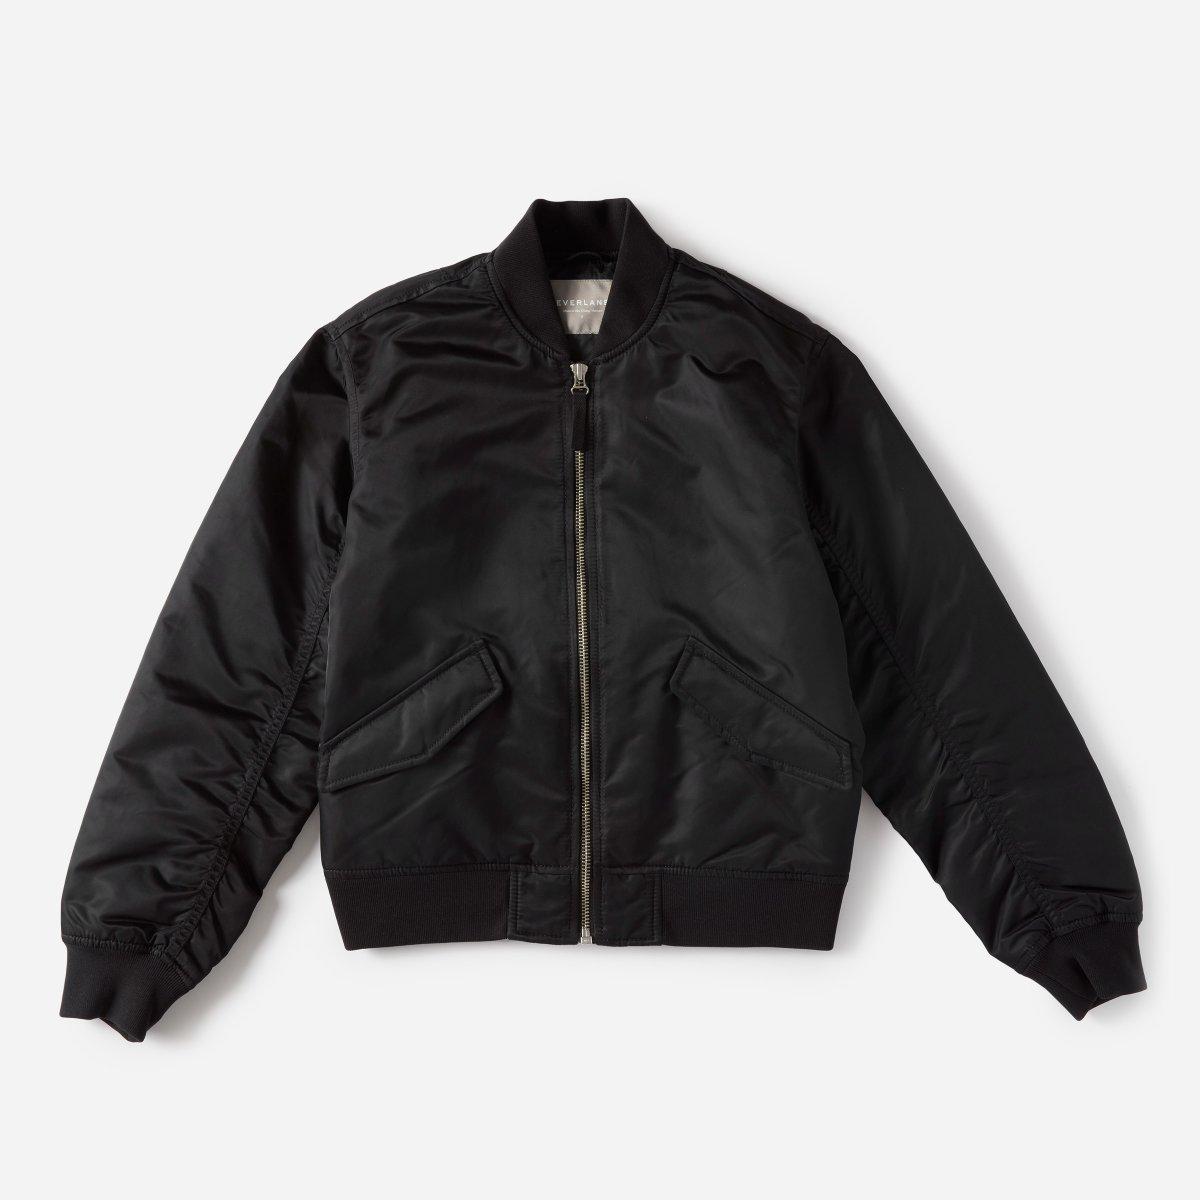 Women's Bomber Jacket | Everla...